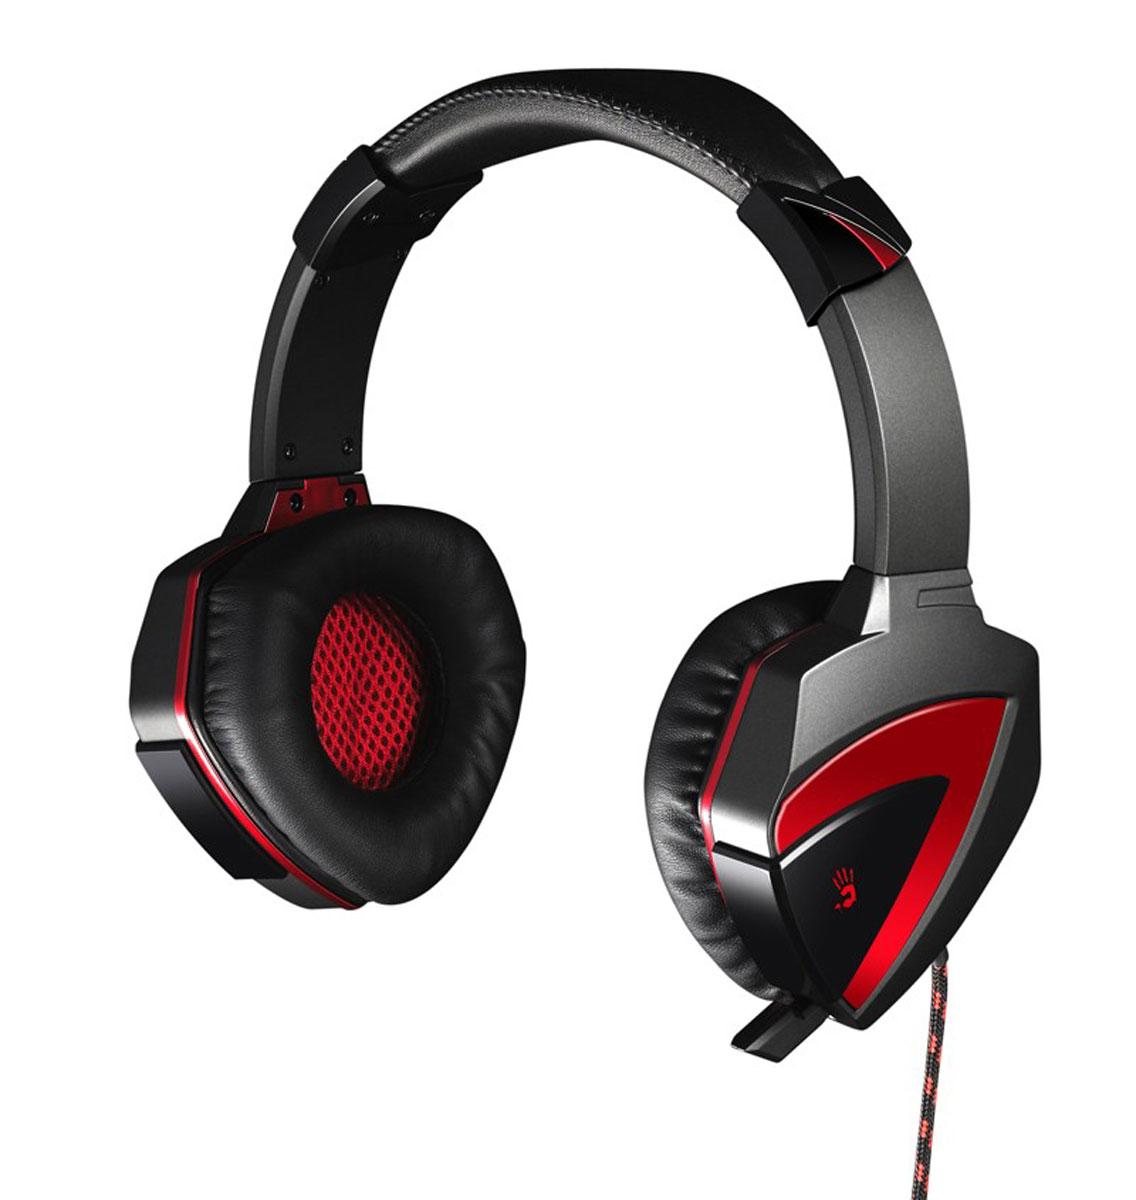 A4Tech Bloody G501, Black игровая гарнитураG501Игровая гарнитура Bloody G501 обеспечивают полноценное объемное звучание в формате 7.1, благодаря чему вы сможете почувствовать себя участником происходящего на экране. Гарнитура создана для полного погружения игрока в виртуальный мир!Выдвижной микрофон: Если вы не используете микрофон, то можете его спрятать и использовать гарнитуру как мониторные наушники.Альтернативные настройки голоса в микрофоне:Воспользуйтесь одним из пяти эффектов настройки звучания голоса выбирайте режим работы микрофона (Original / Warcraft / Duck / Male-Female / Female-Male).Безупречный комфорт: Оголовье наушников регулируется, а амбушюры созданы специально для комфортного прослушивания. Раковины вращаются на 360 градусов, что создает максимальный комфорт для пользователя!Шумоподавление: Шумы полностью подавляются, что позволяет игроку не отвлекаться от игры.Легкий вес и компактность:Вес гарнитуры всего 258 г, благодаря легкости, шея и голова игрока находится в комфорте и не устает.Bloody G501 не обычная игровая гарнитура, эта гарнитура обладает всем спектром настроек профессионального уровня, что удовлетворит требования любого геймера. Все это было достигнуто путем инновационных разработок и многолетнего опыта. С гарнитурой Bloody играть в вашу любимую игру станет приятнее и вы ощутите звук на все 100%!Характеристики микрофона: Направленность микрофона: всенаправленный Чувствительность микрофона: -58 дБ Частотный диапазон: 50 - 16000 ГцКак выбрать игровые наушники. Статья OZON Гид